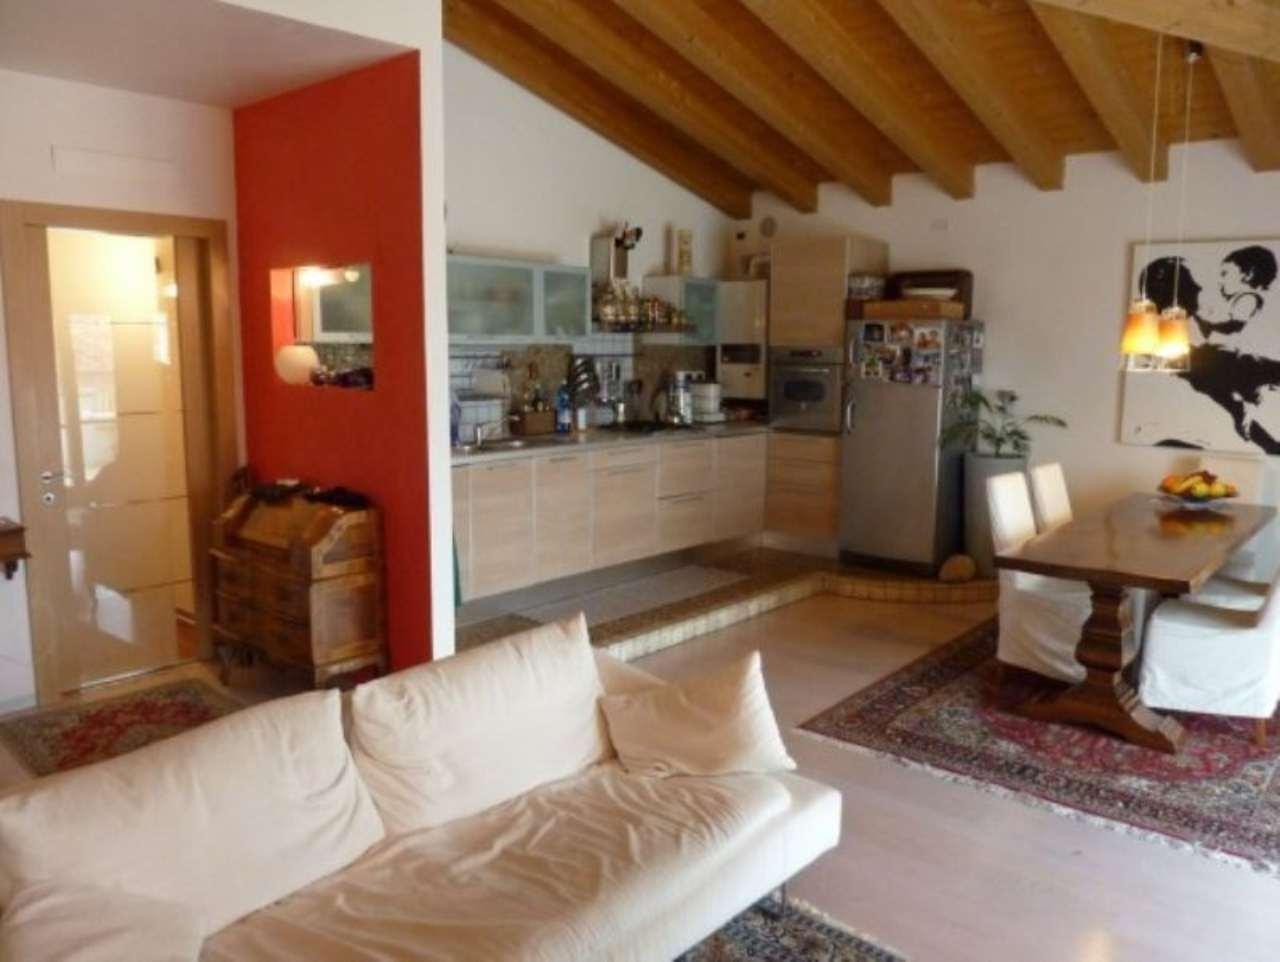 Attico / Mansarda in vendita a Maserada sul Piave, 4 locali, prezzo € 205.000 | Cambio Casa.it